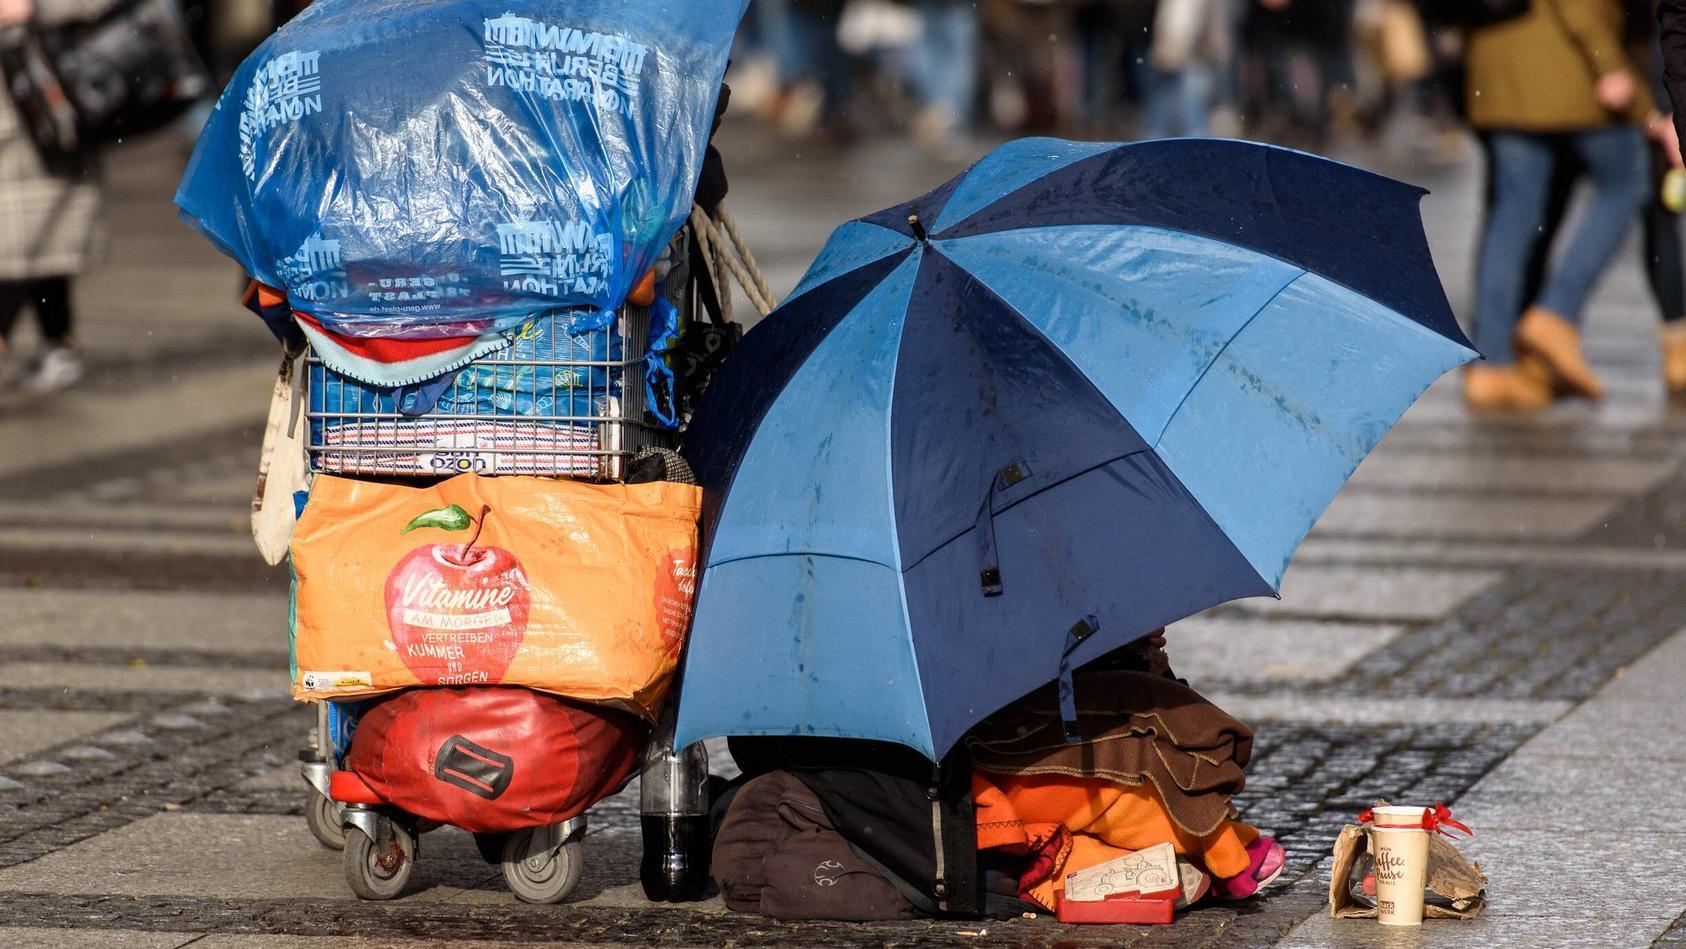 Feature Bild Obdachlosigkeit Deutschland, Berlin - 09/03/2019: Im Bild ist ein Obdachloser Mensch mit Schirm und Einkauf.